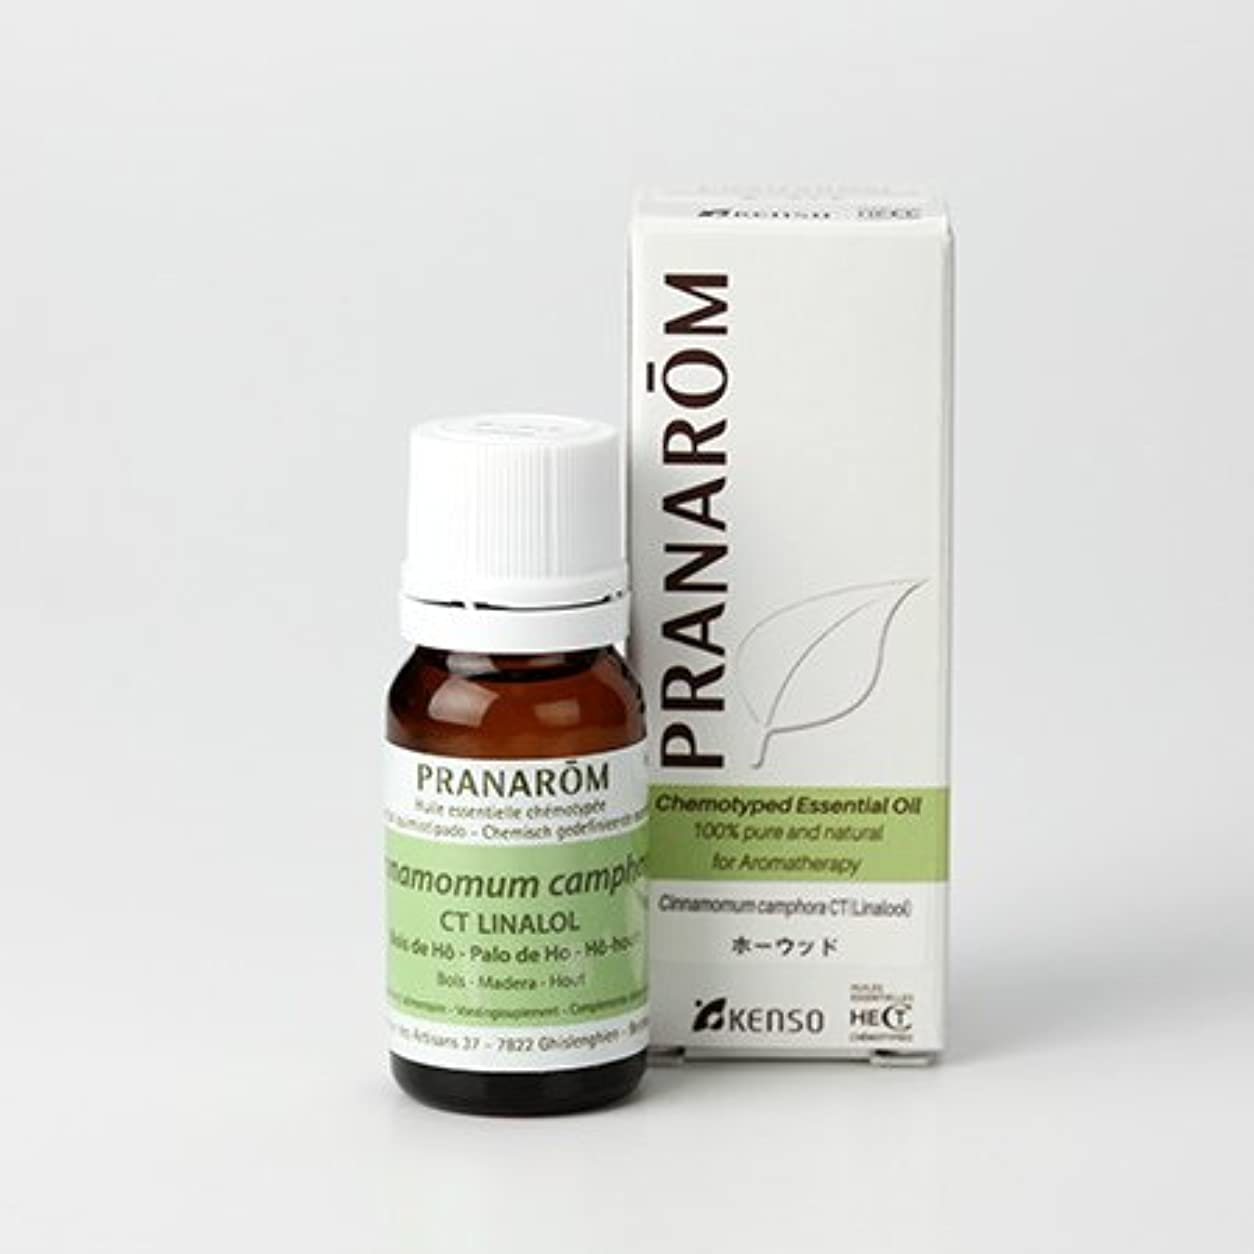 大学生スタウト叙情的なプラナロム ホーウッド 10ml (PRANAROM ケモタイプ精油)